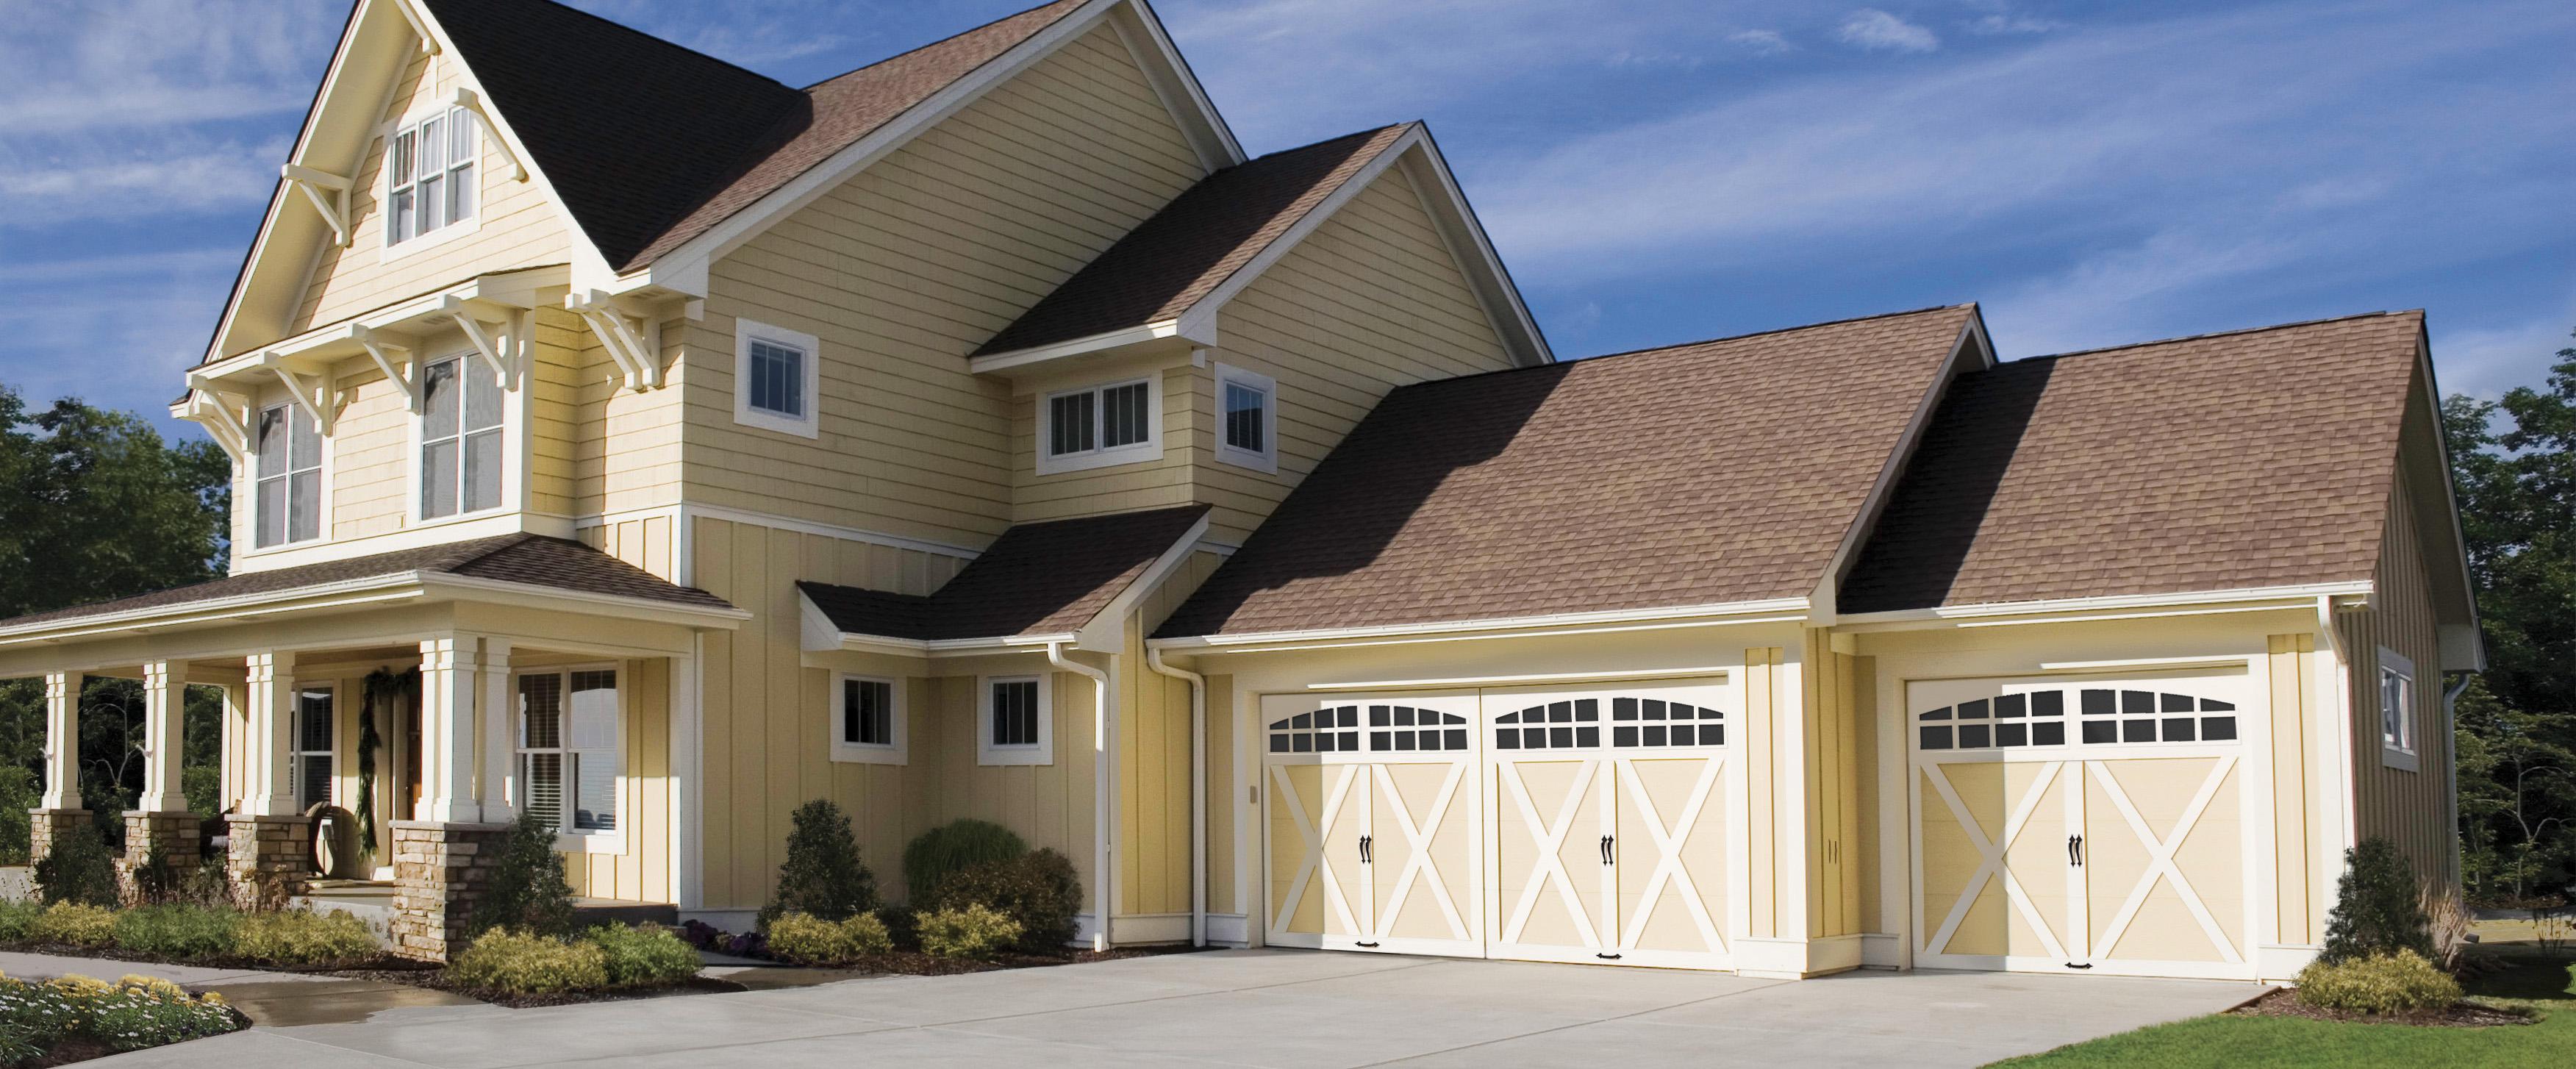 Clopay Design Tools To Choose The Best Garage Door